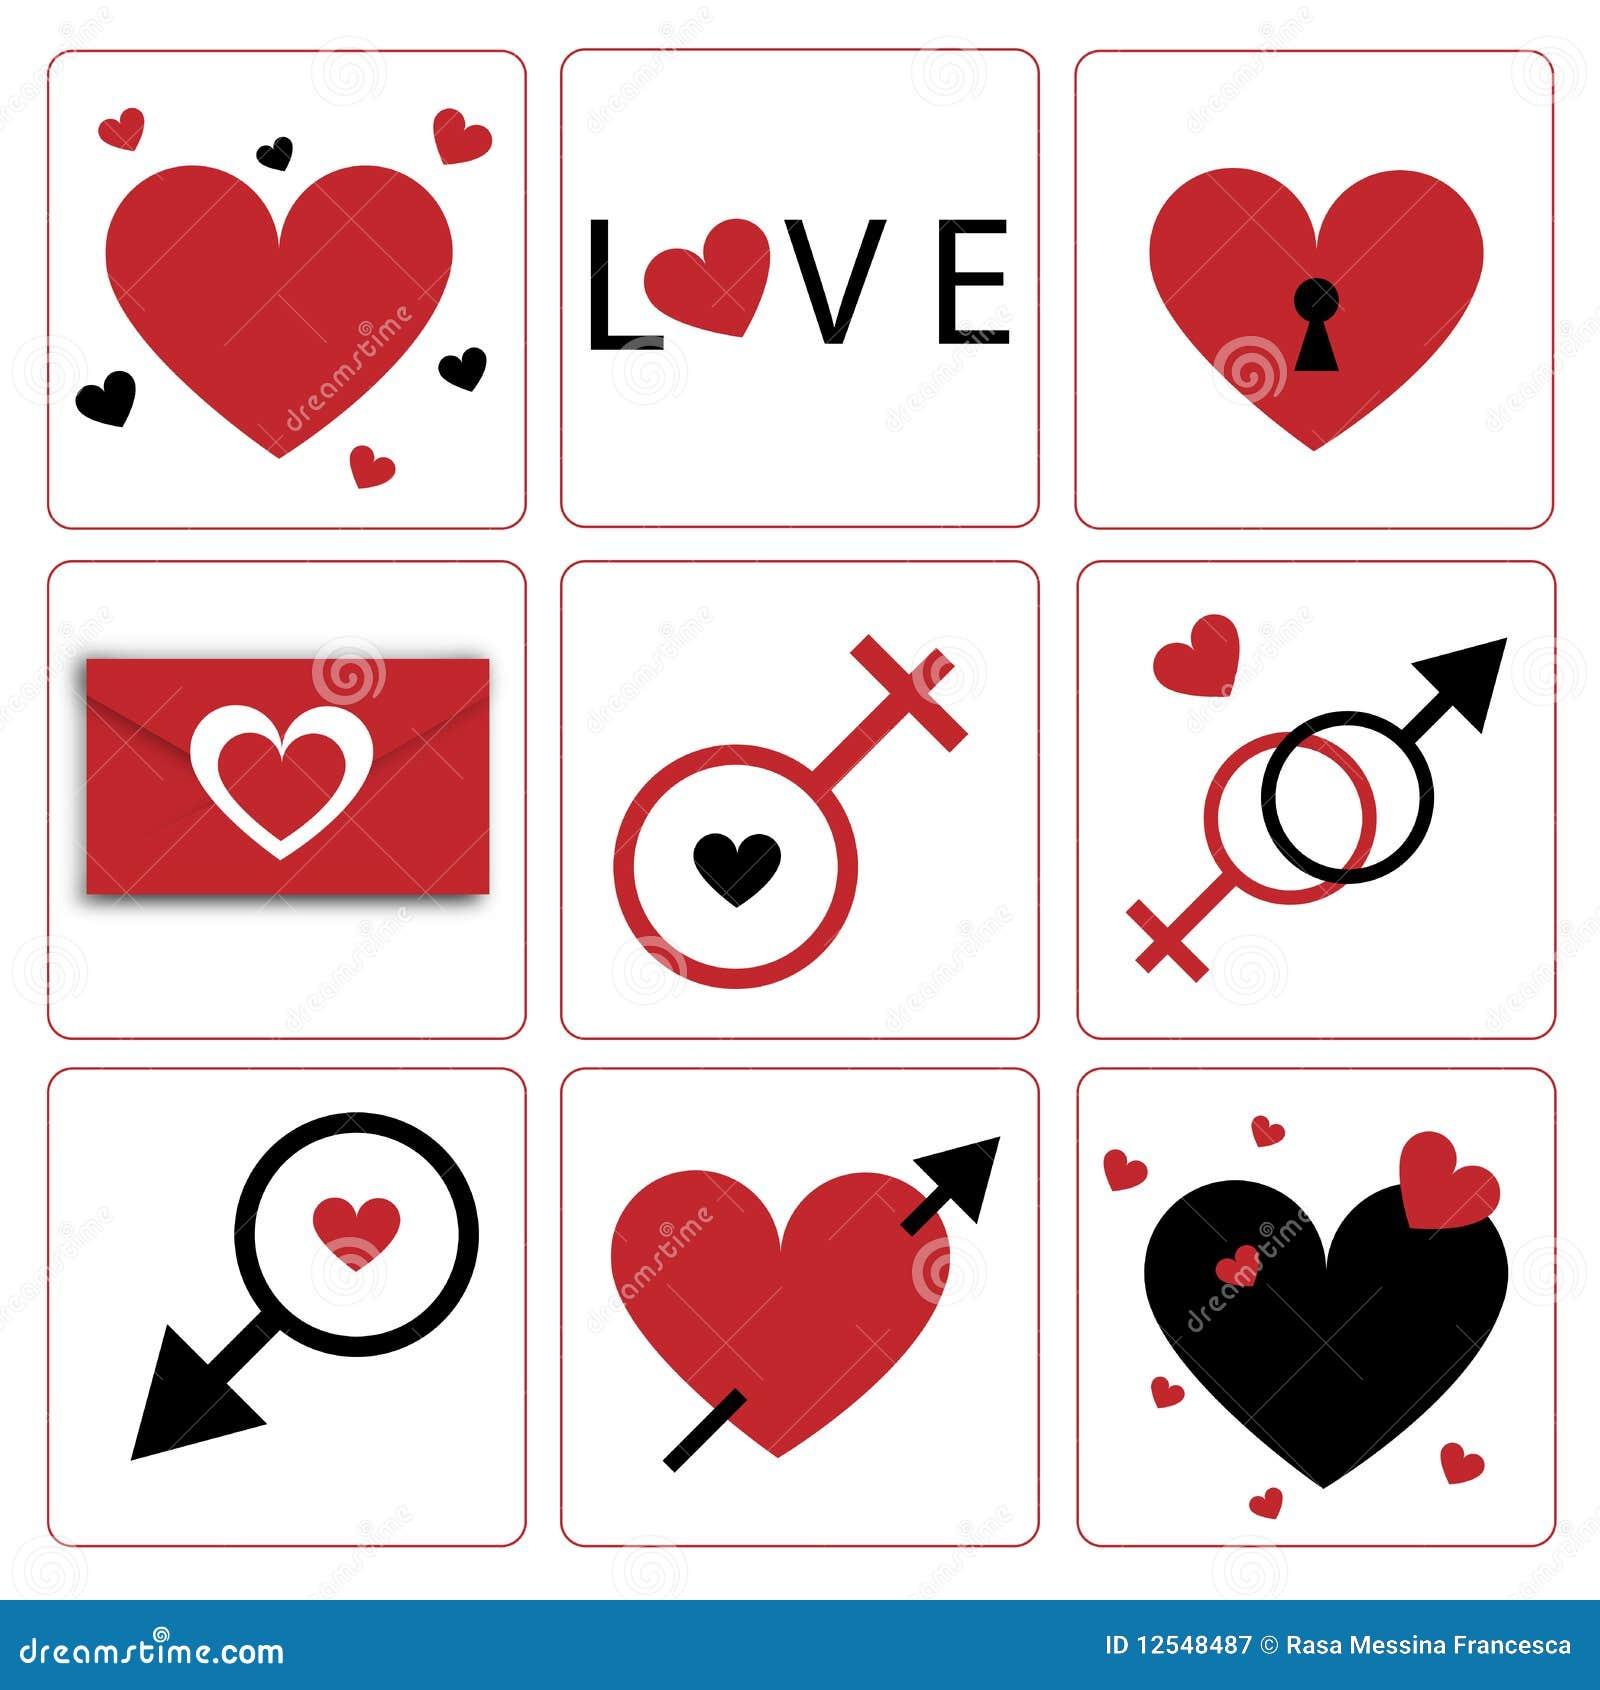 Tema do ícone-Valentim do coração de Vecrtor